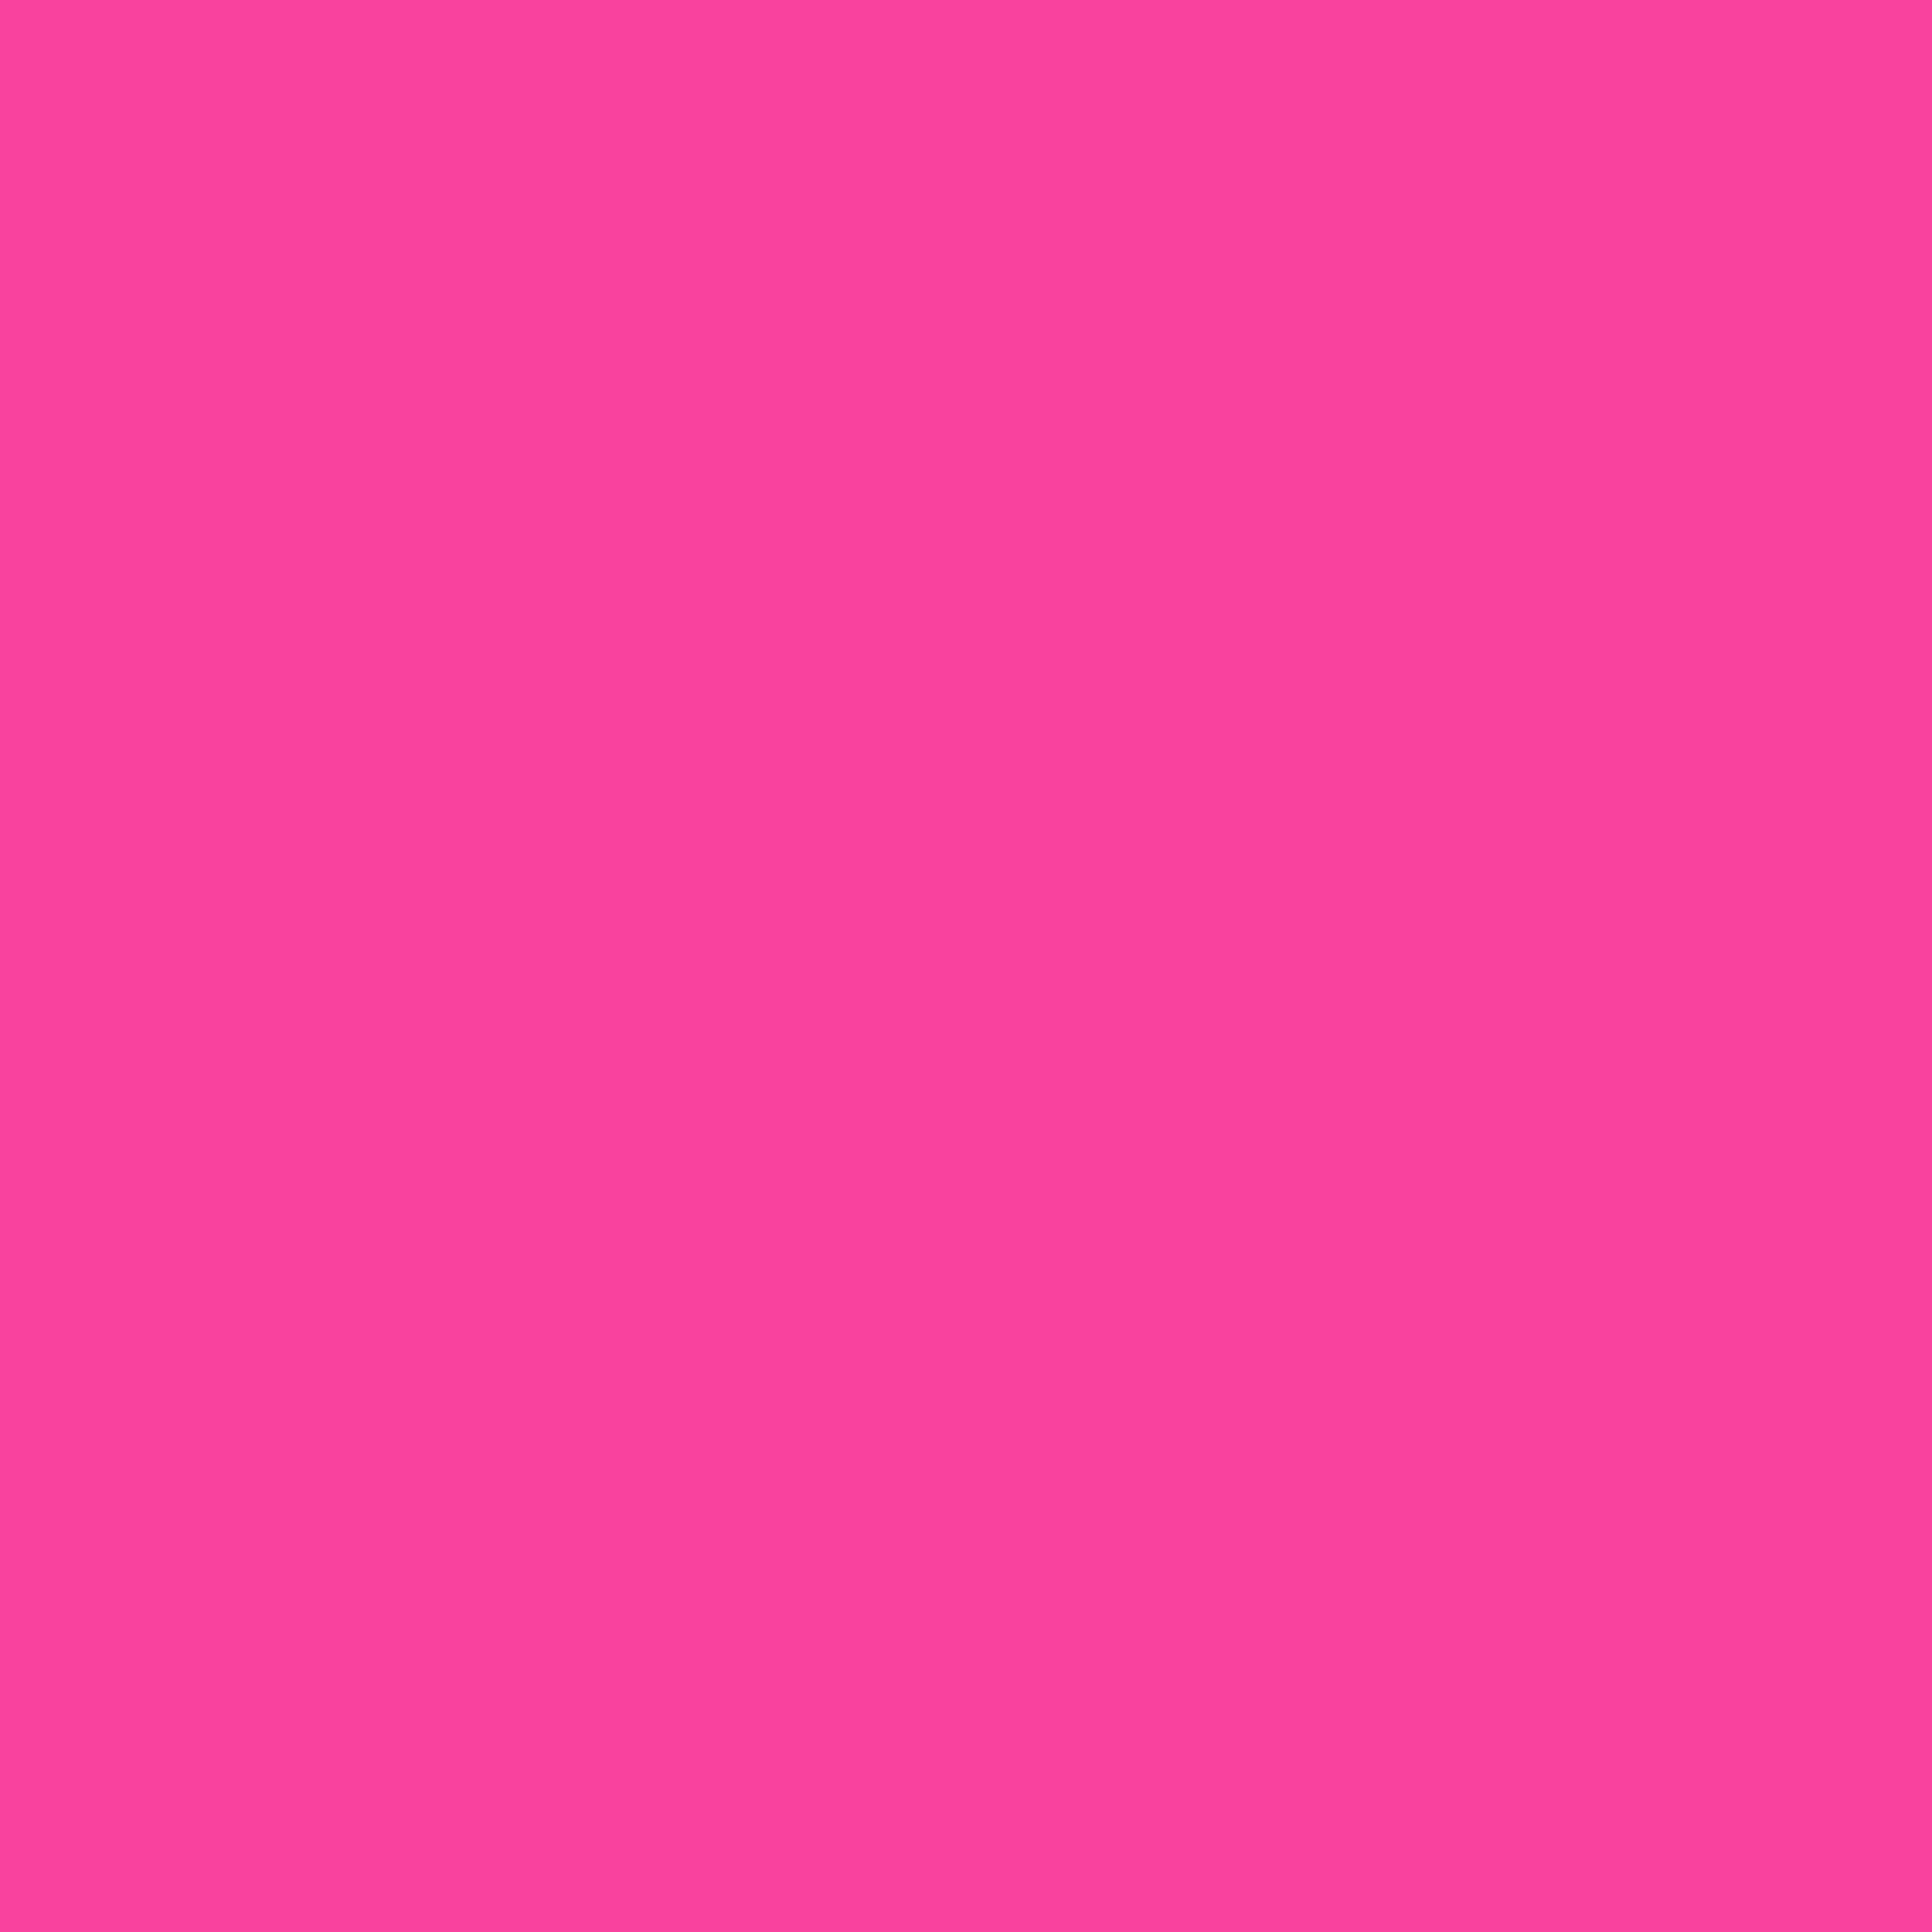 2732x2732 Rose Bonbon Solid Color Background